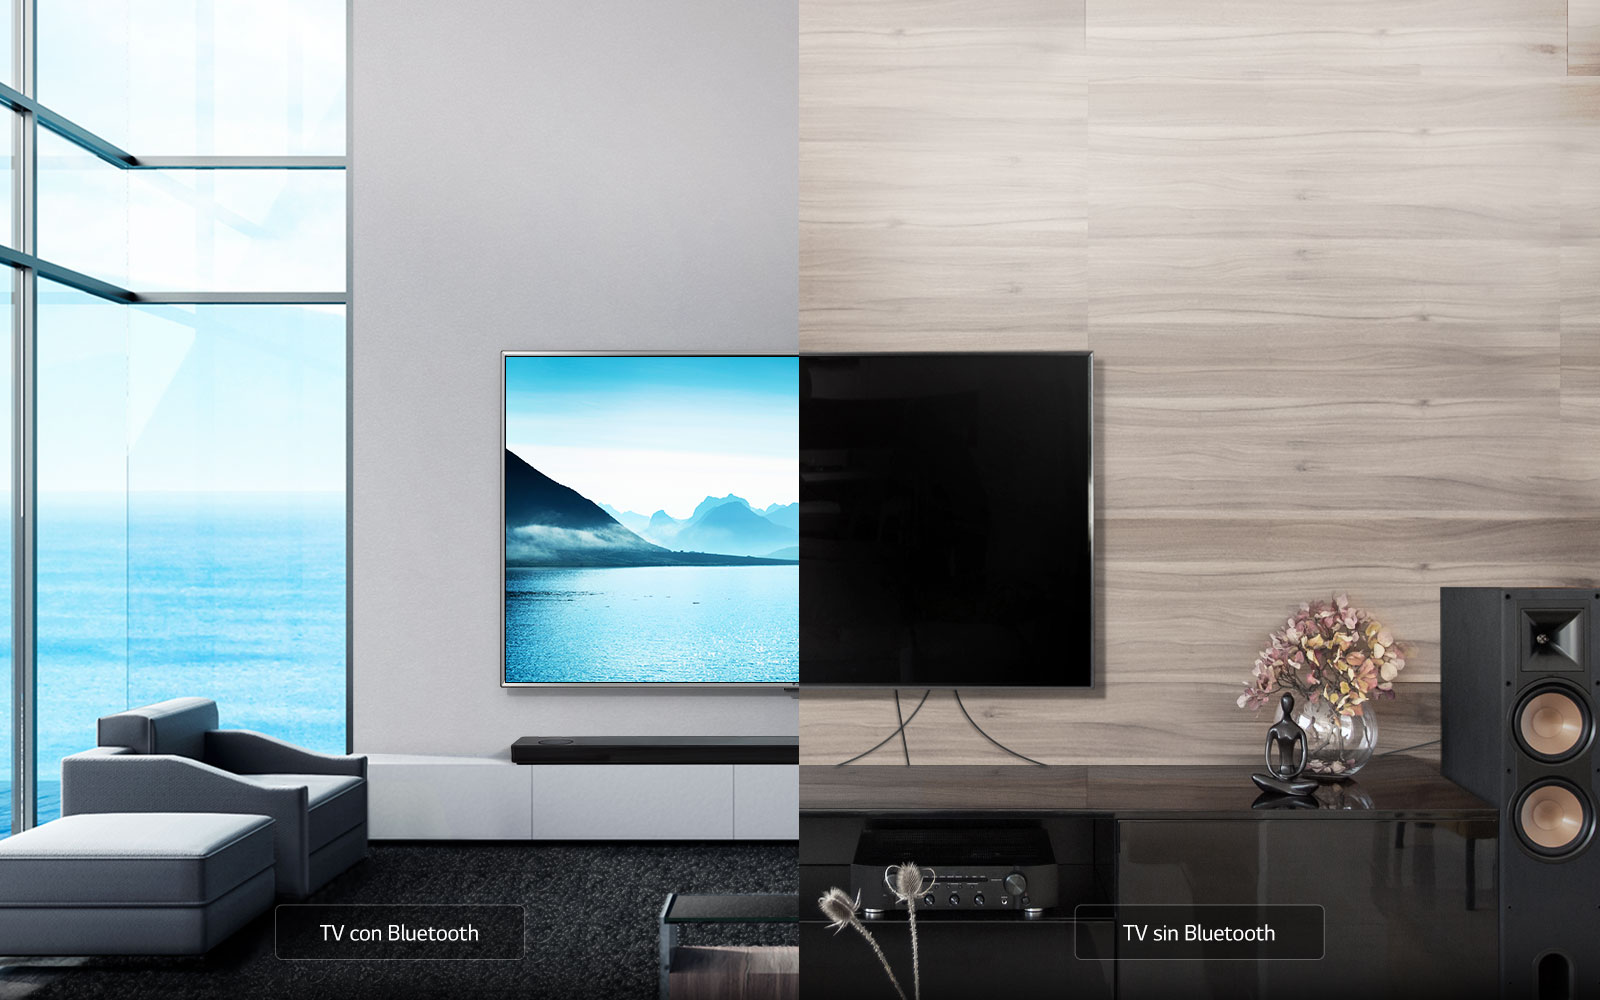 Conexión Bluetooth para simplificar tu vida